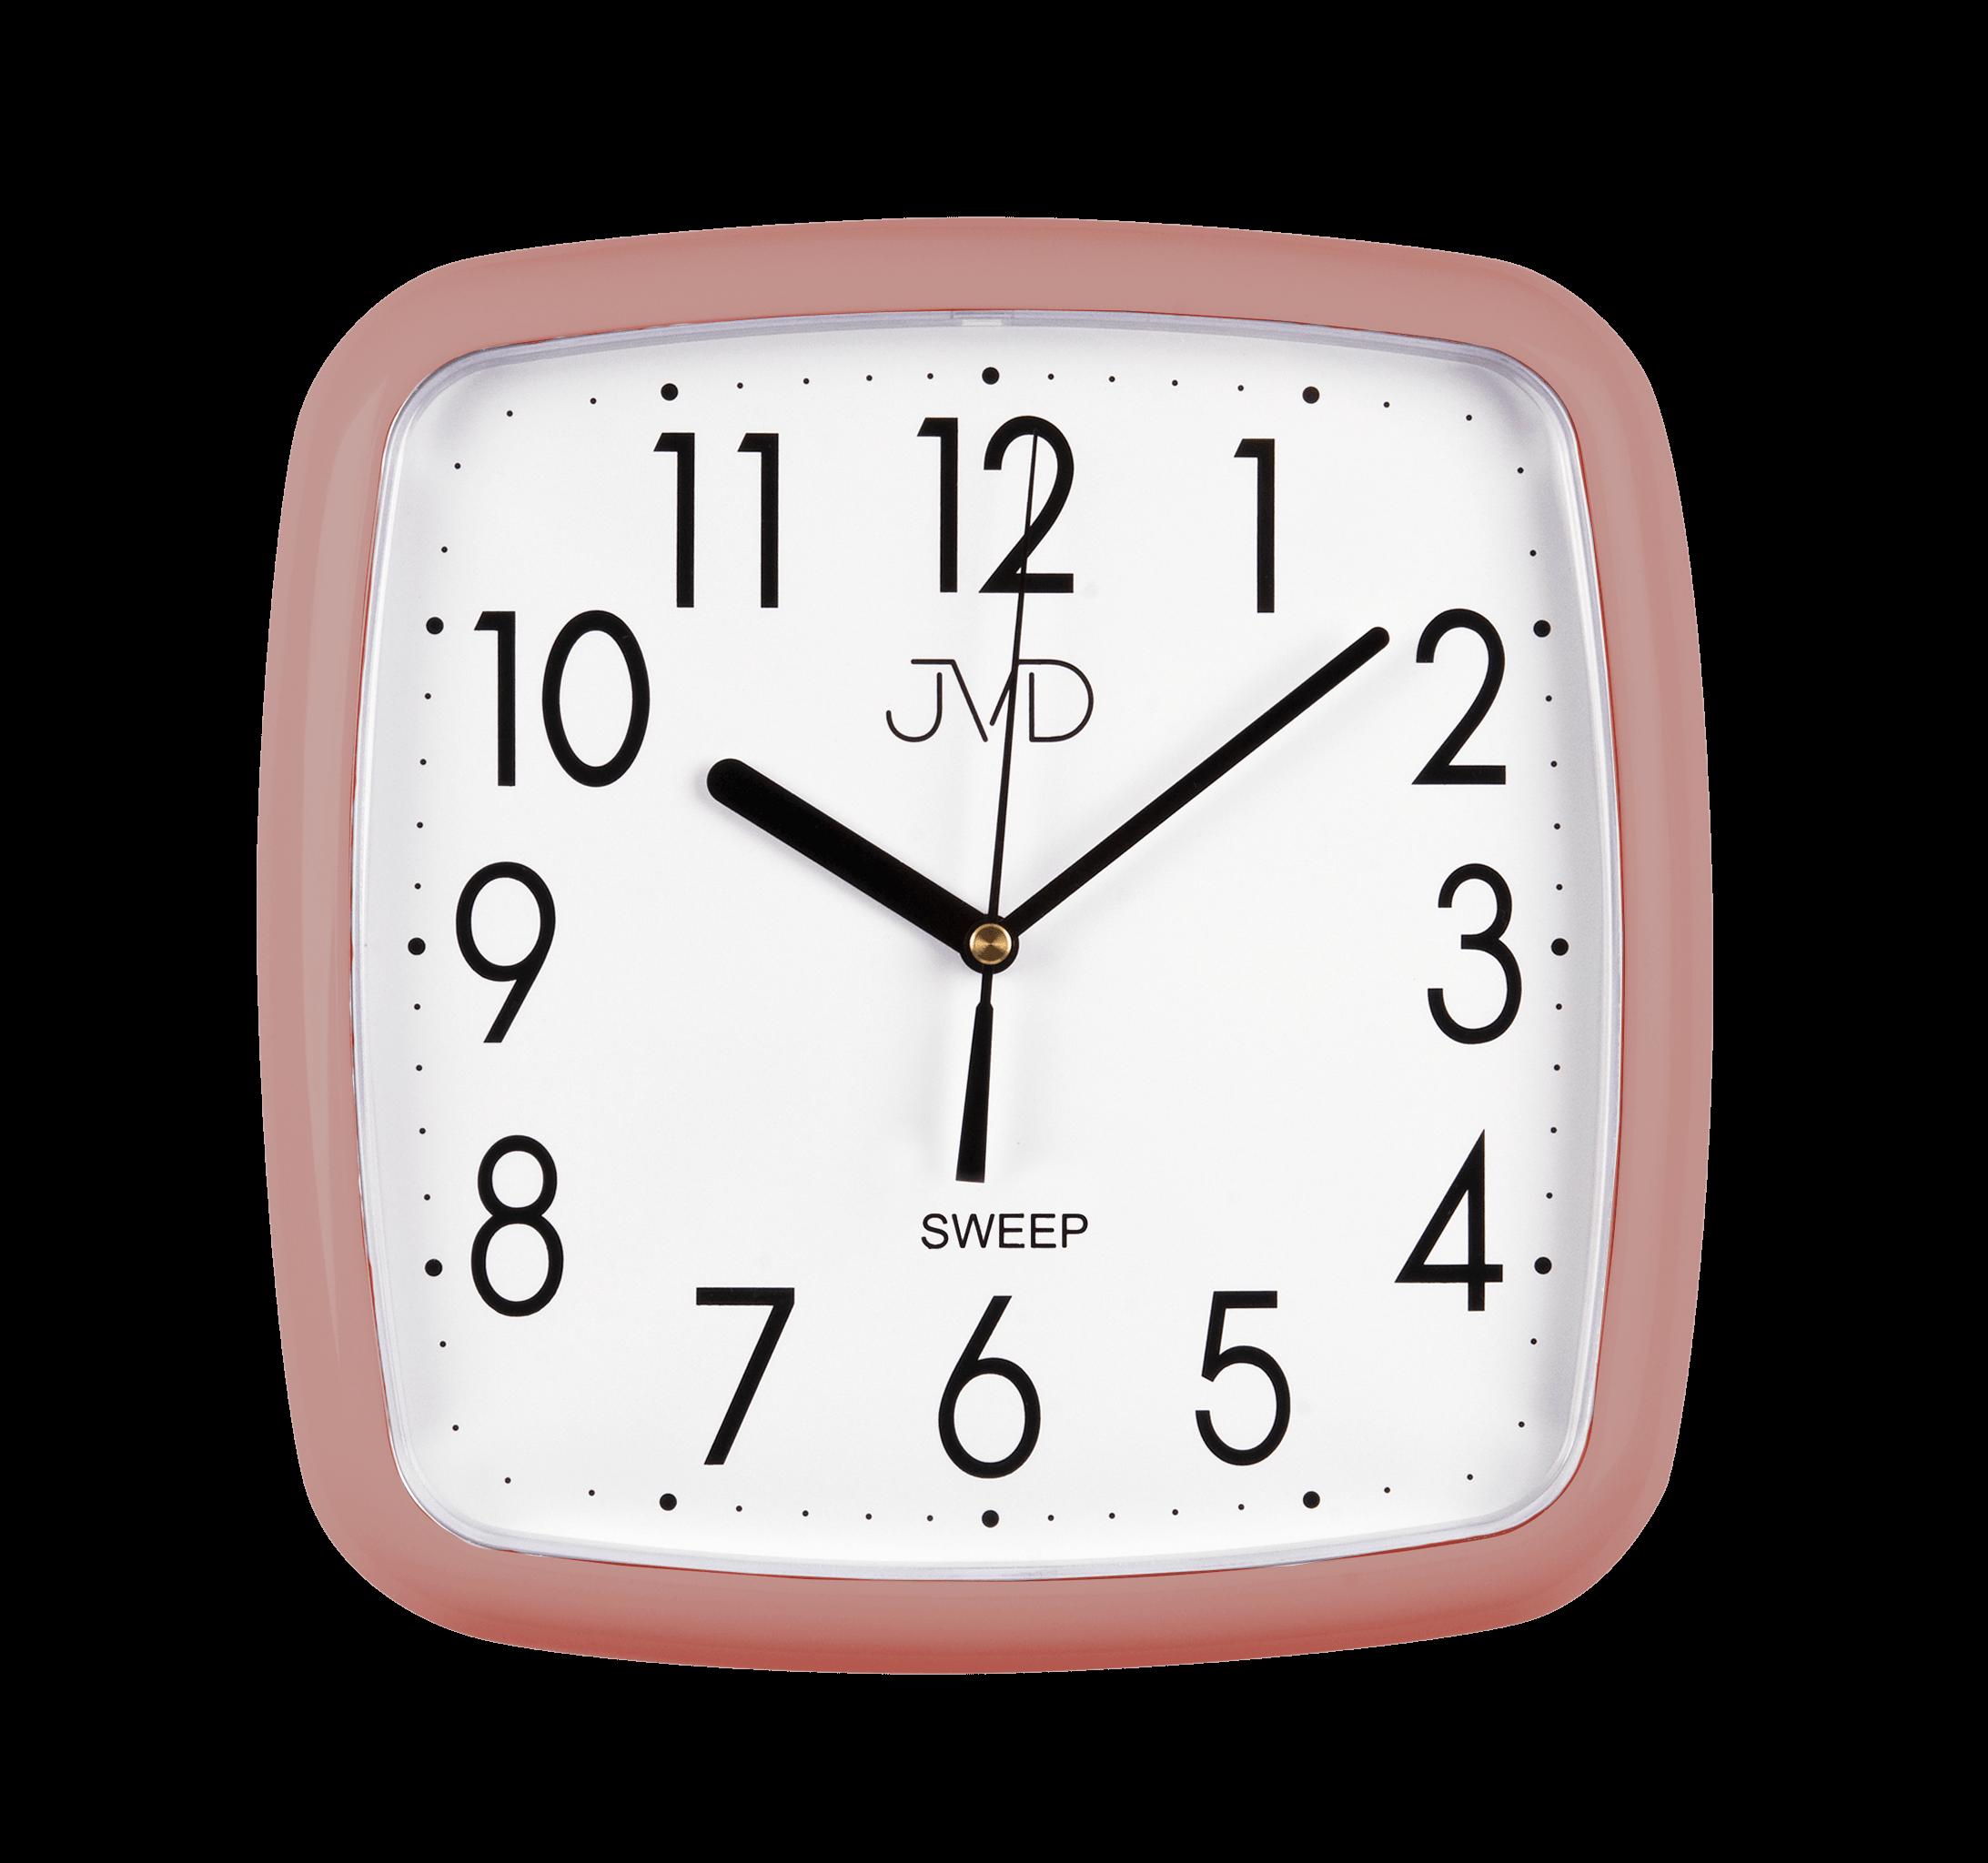 Metalické hranaté nástěnné hodiny JVD sweep HP615.18 ROSE (netikající tiché hodiny)